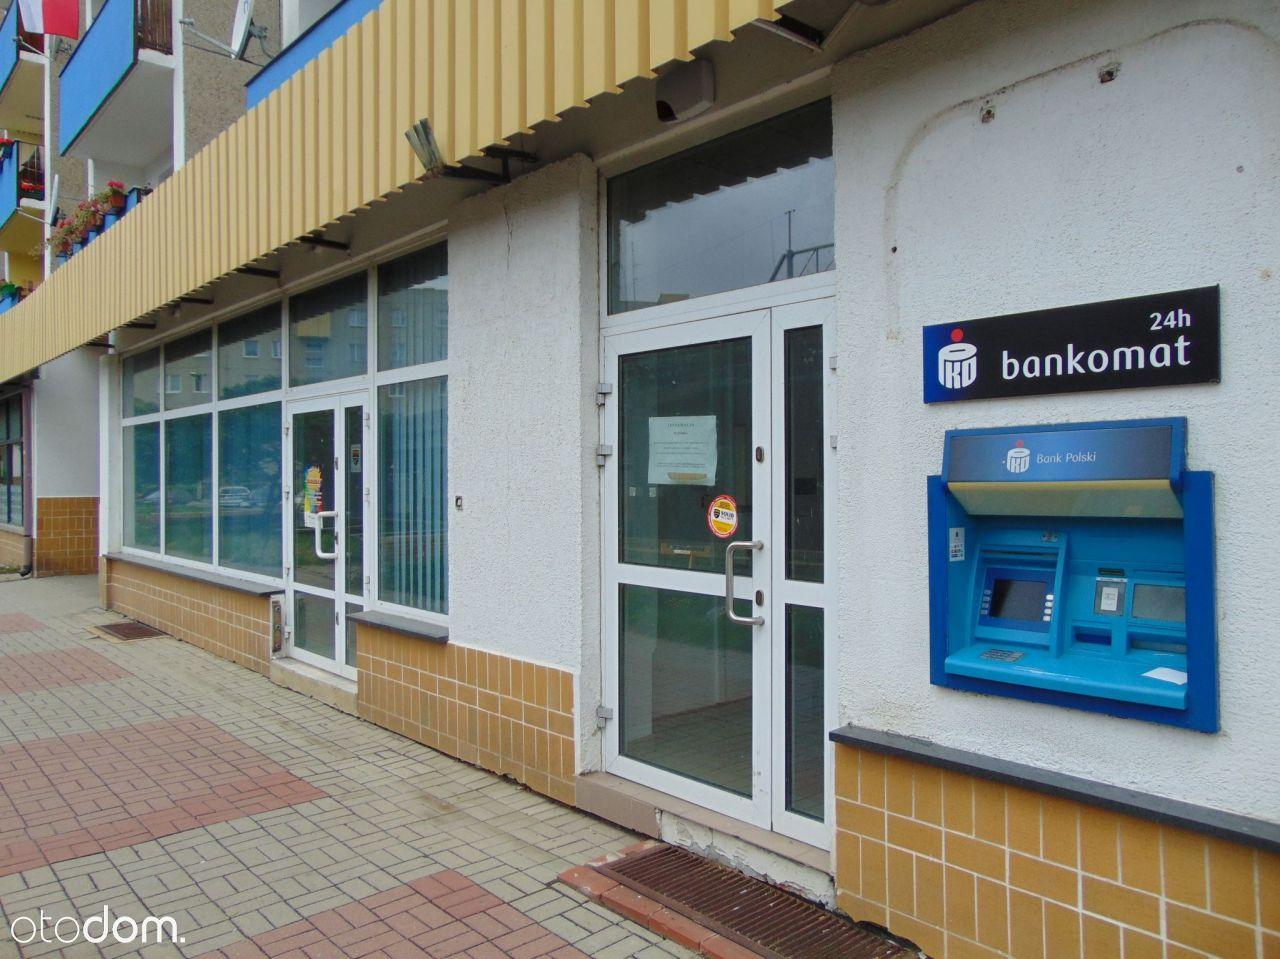 Lokal użytkowy na sprzedaż, Świdnica, świdnicki, dolnośląskie - Foto 1